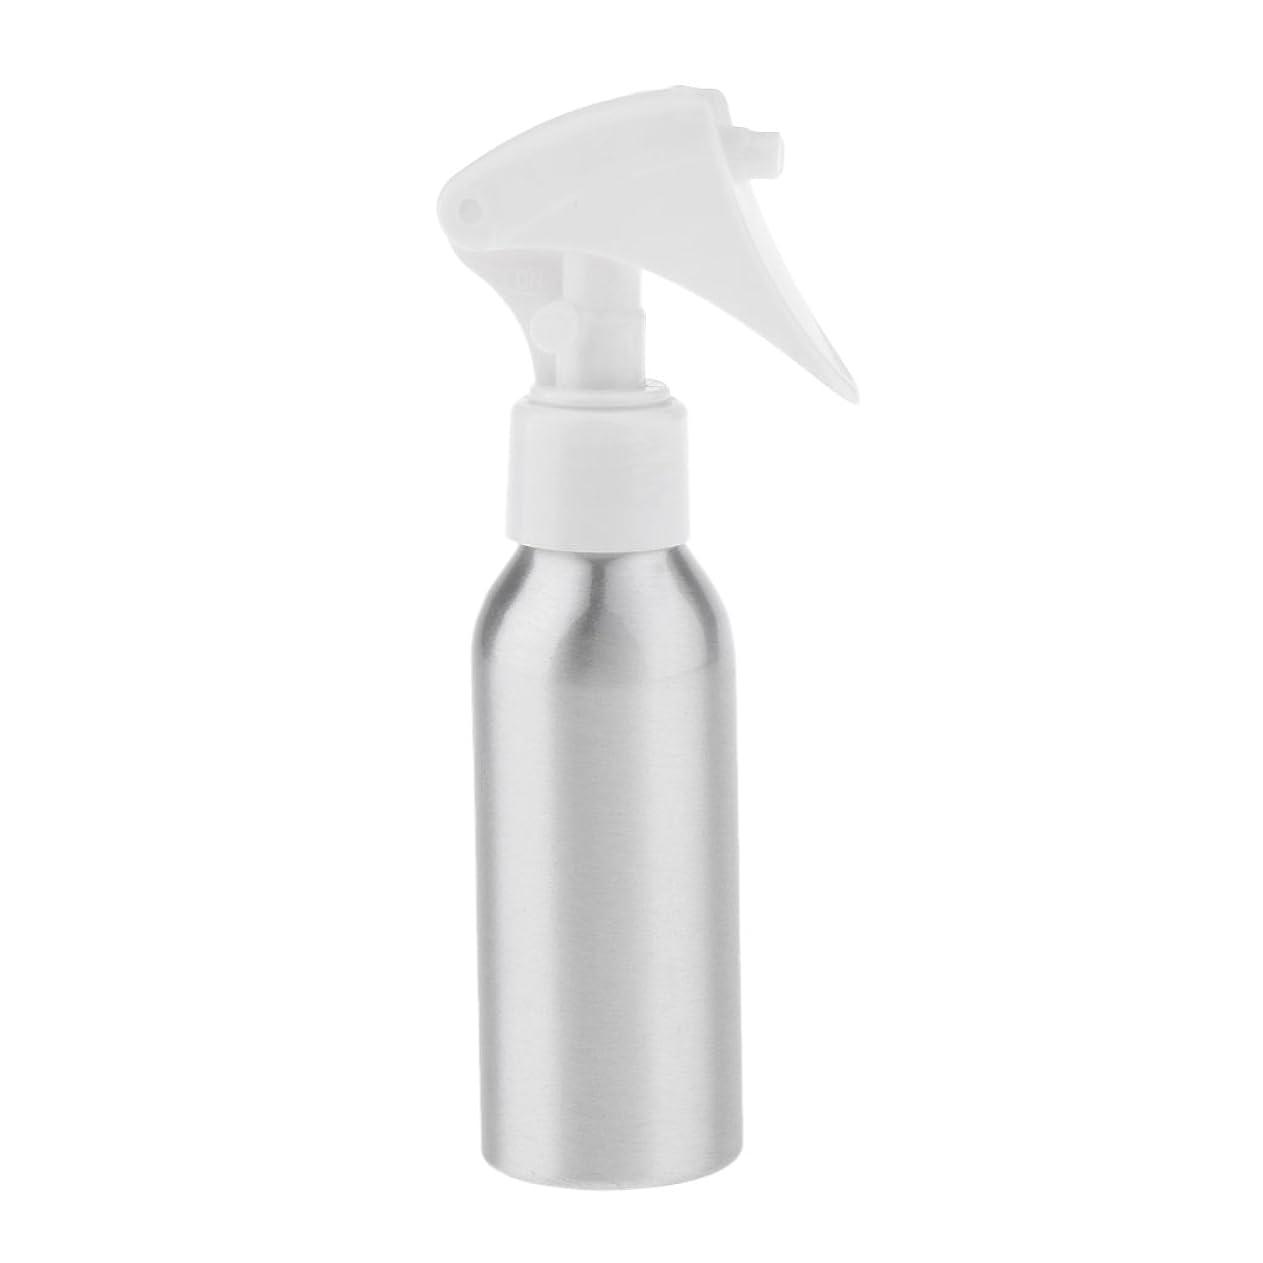 人生を作るメニュー確認するPerfeclan スプレーボトル ポンプボトル 水スプレー 噴霧器 調合用水 ヘアーサロン 家庭用 植物 6サイズ選択 - 100ML